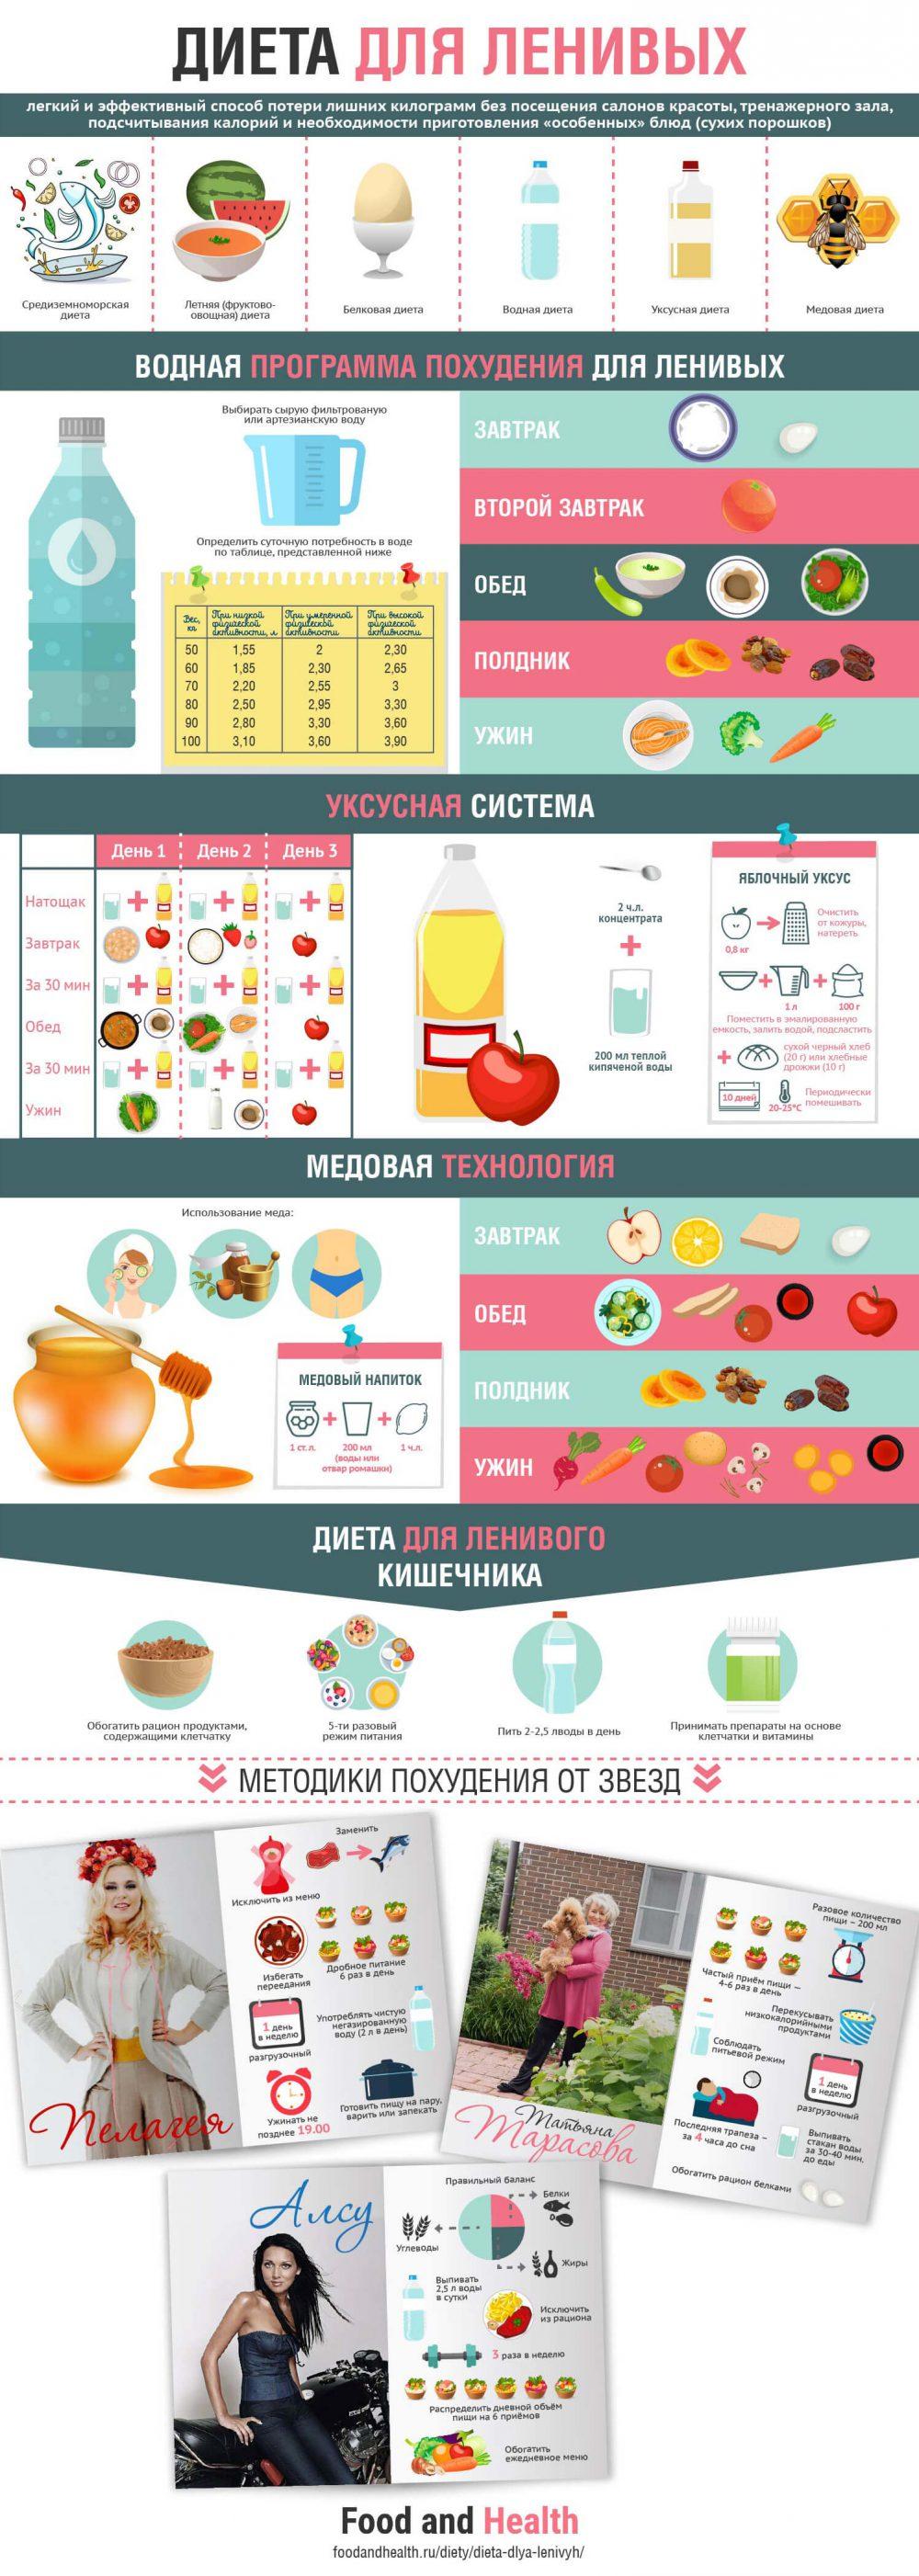 Диета для ленивых - инфографика